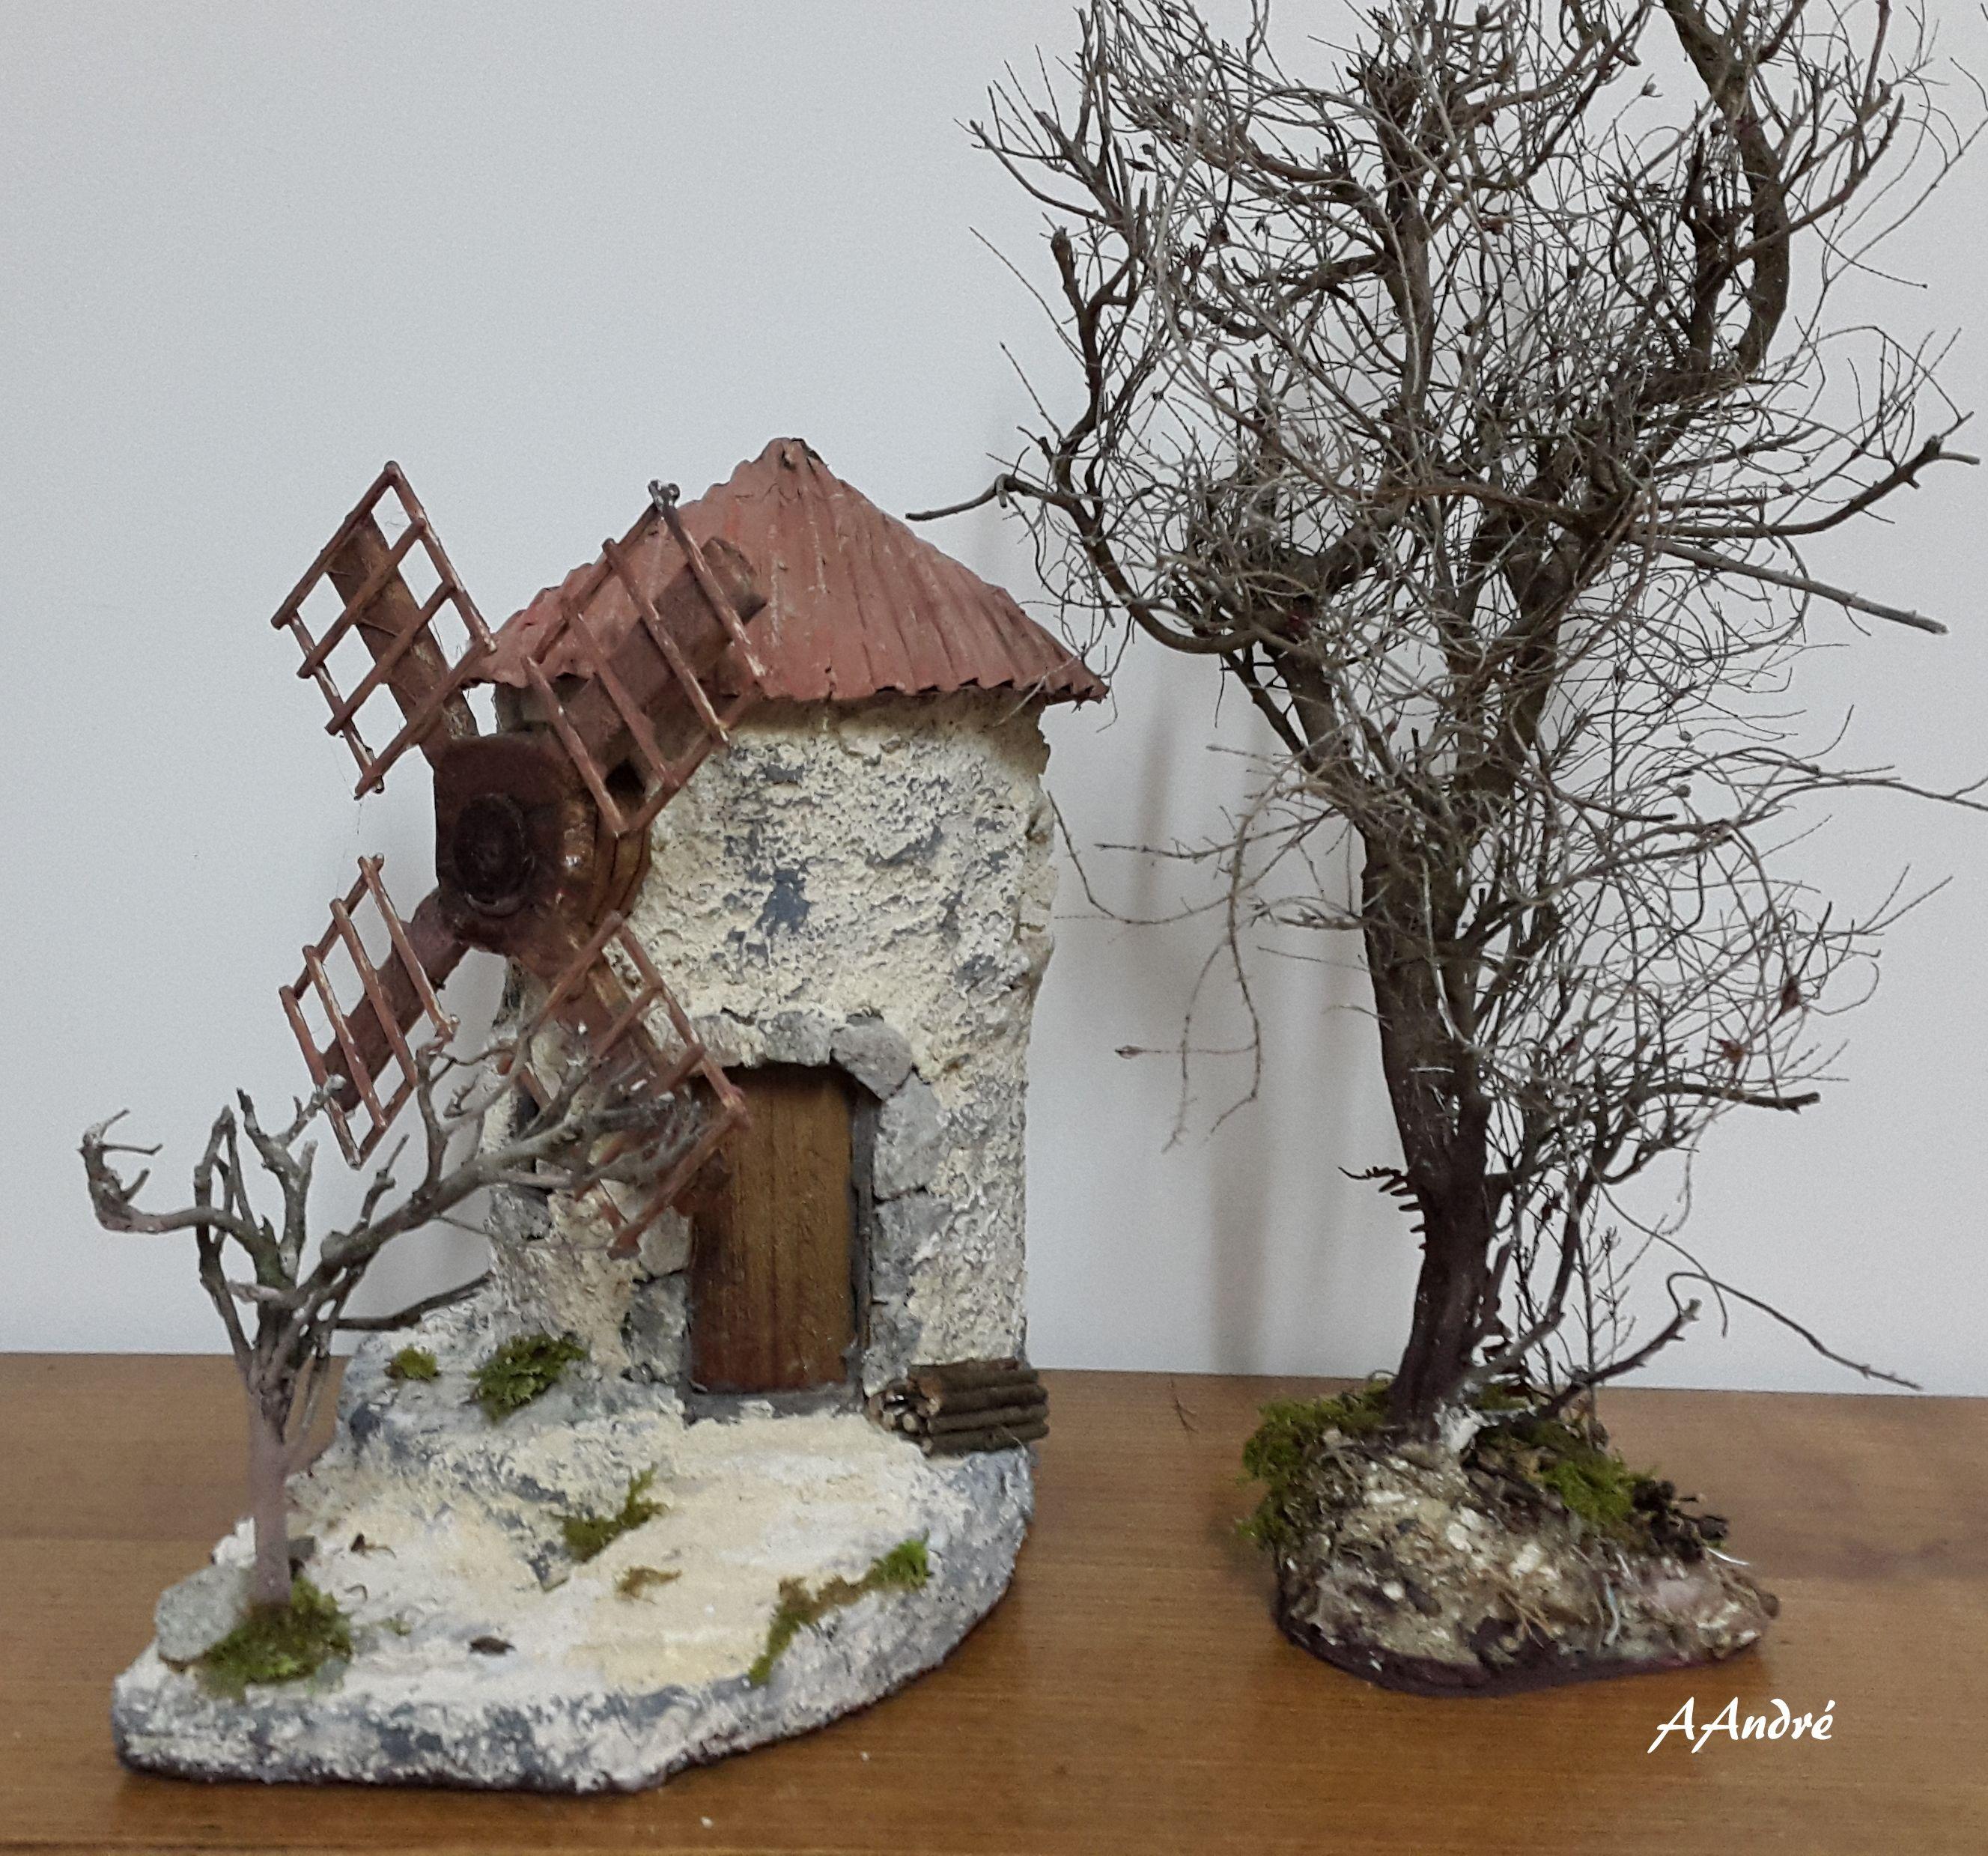 fleur de patch cartonnage carton ondule pinterest cr che de noel la creche et cr che. Black Bedroom Furniture Sets. Home Design Ideas